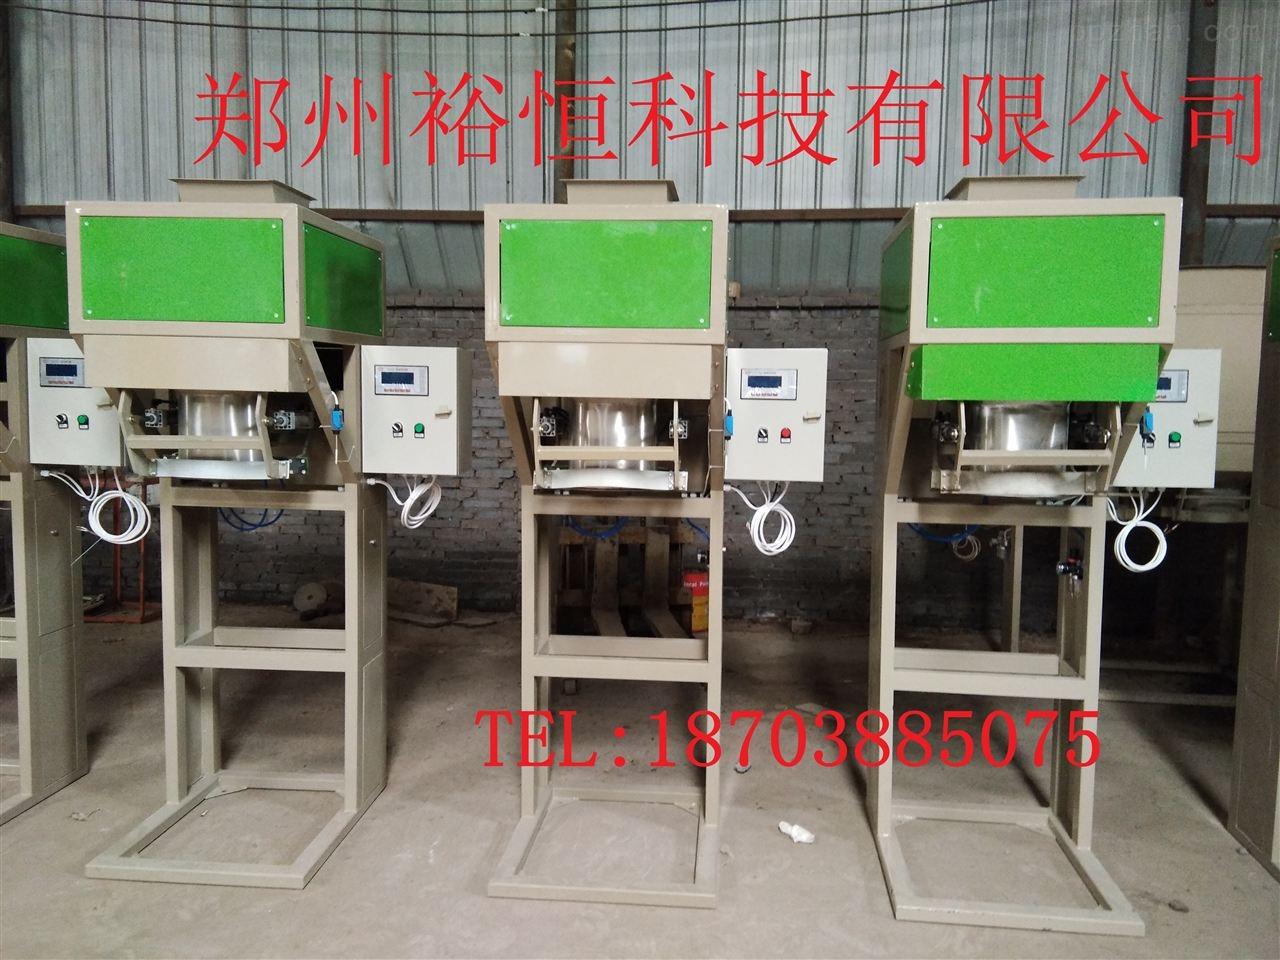 25-50公斤苞米粒子自动定量包装机厂家